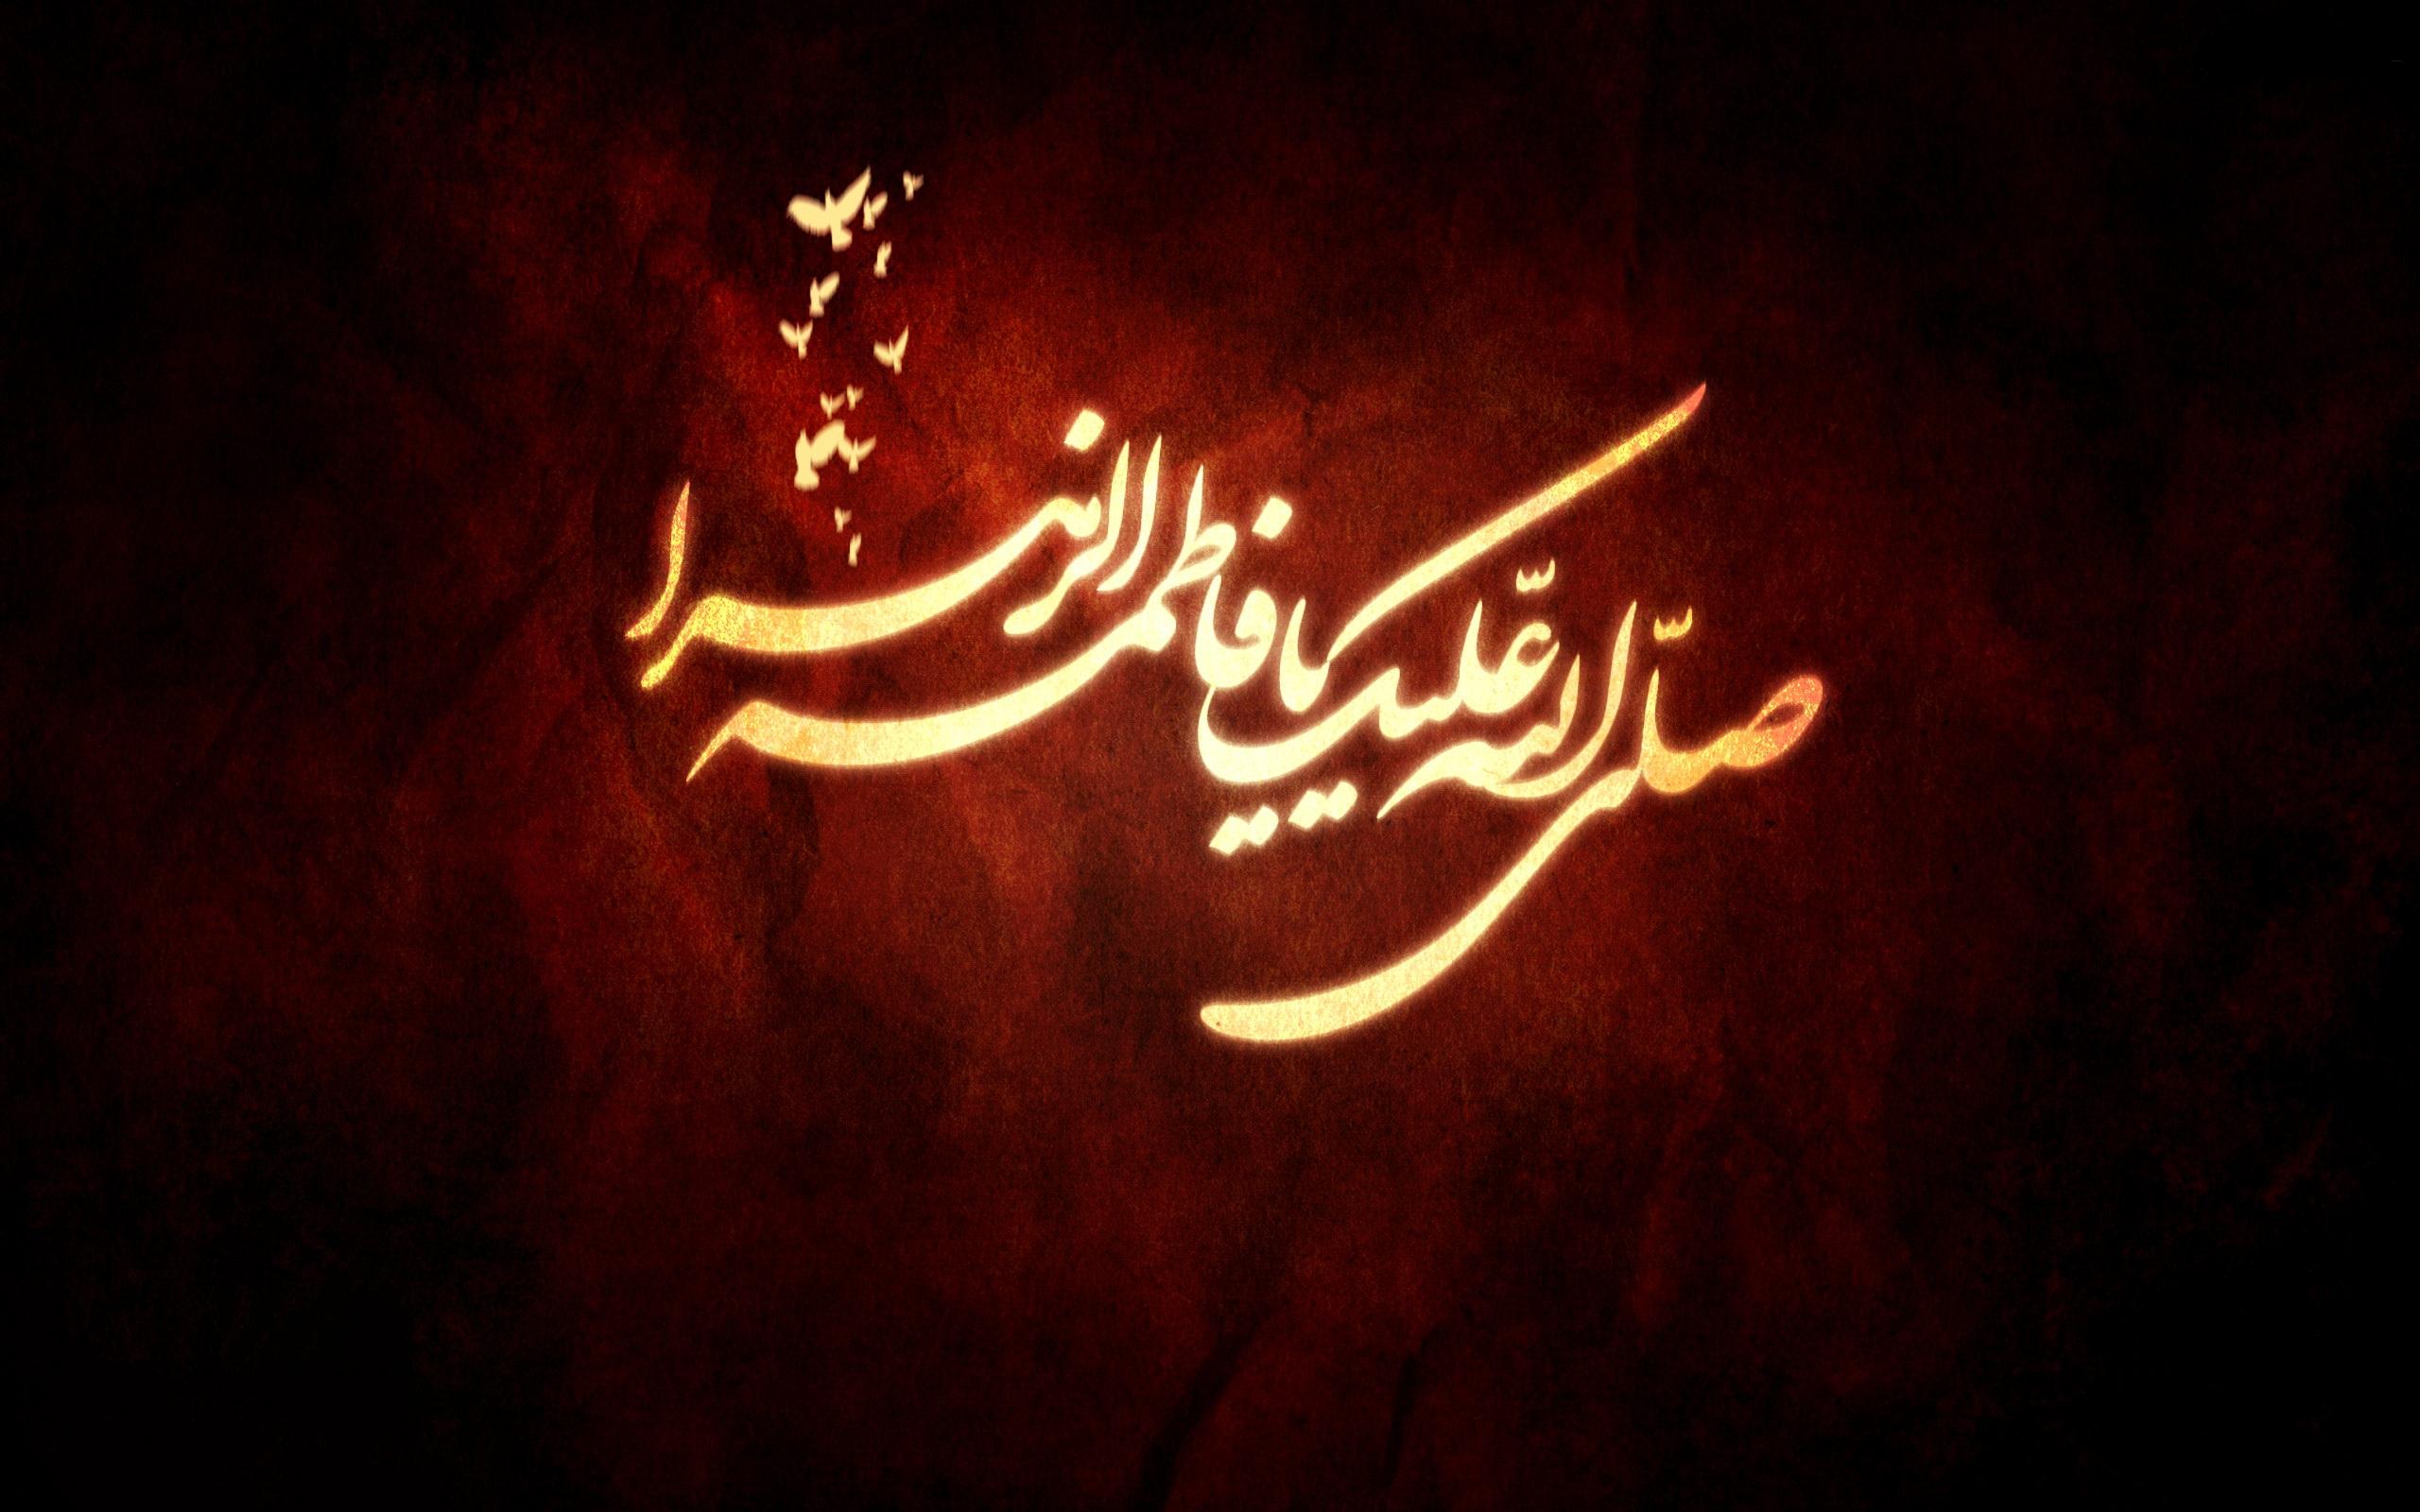 تنها گناه زهرا ، علی علی علی بود